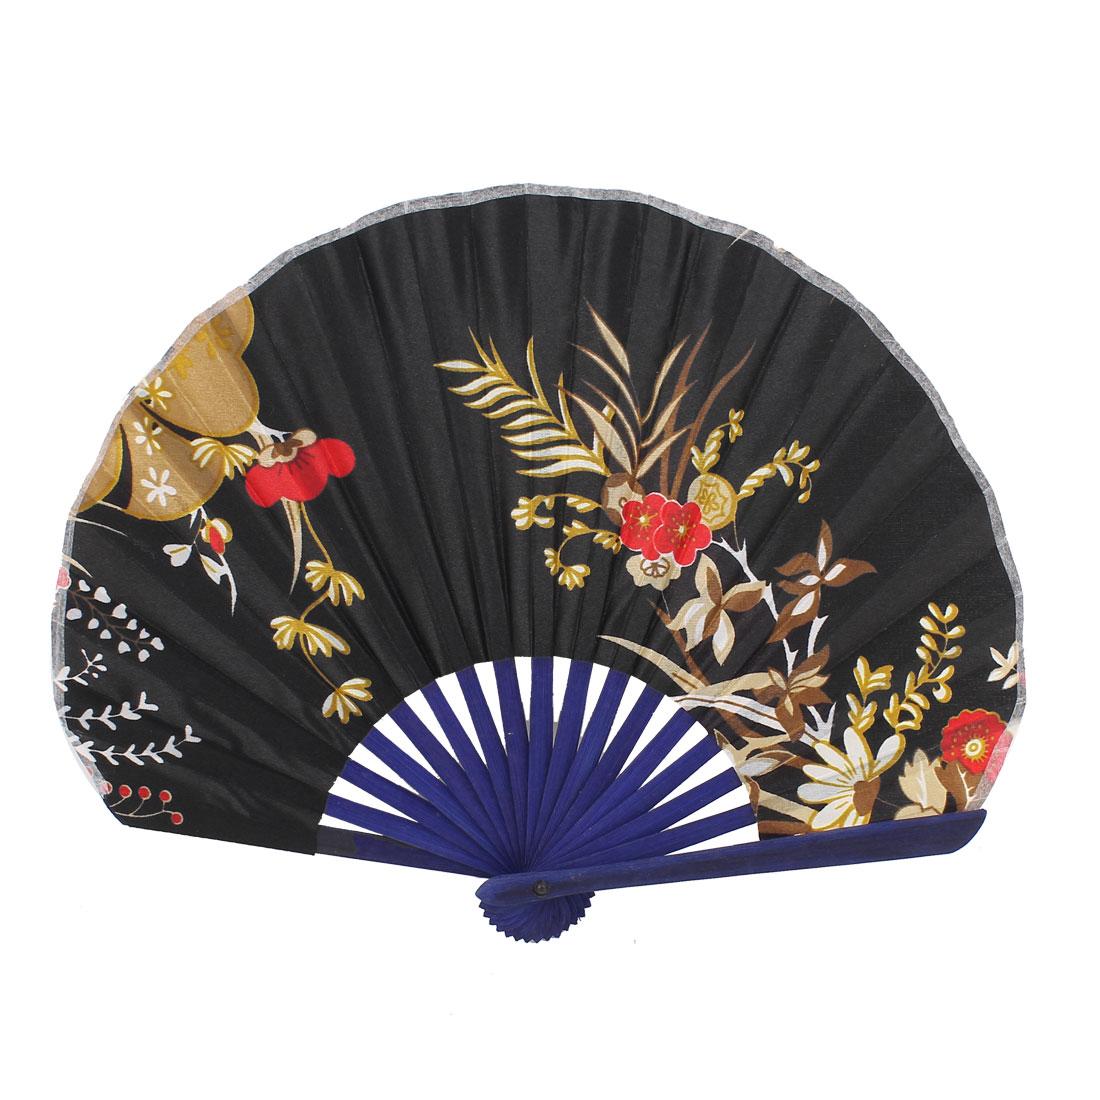 Seashell Style Flower Pattern Wedding Party Folding Hand Fan Black